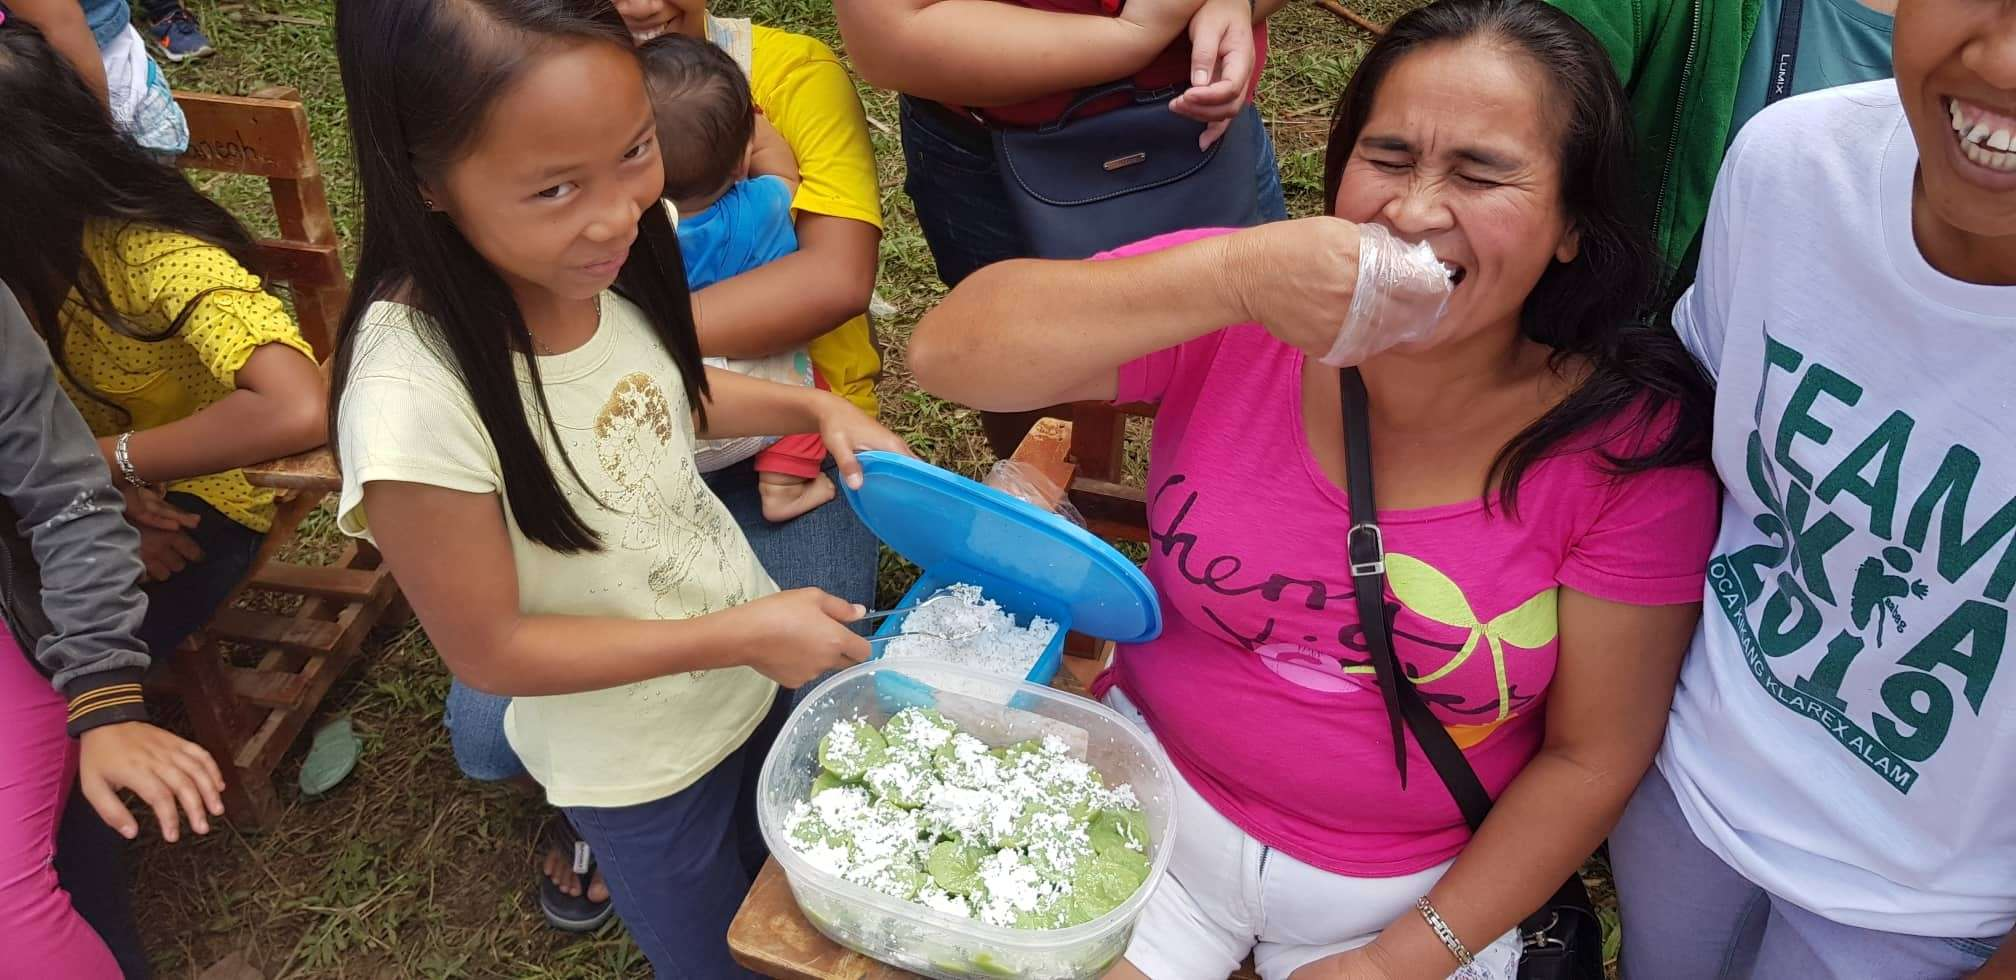 CAGAYAN DE ORO. A mother eats a piece of